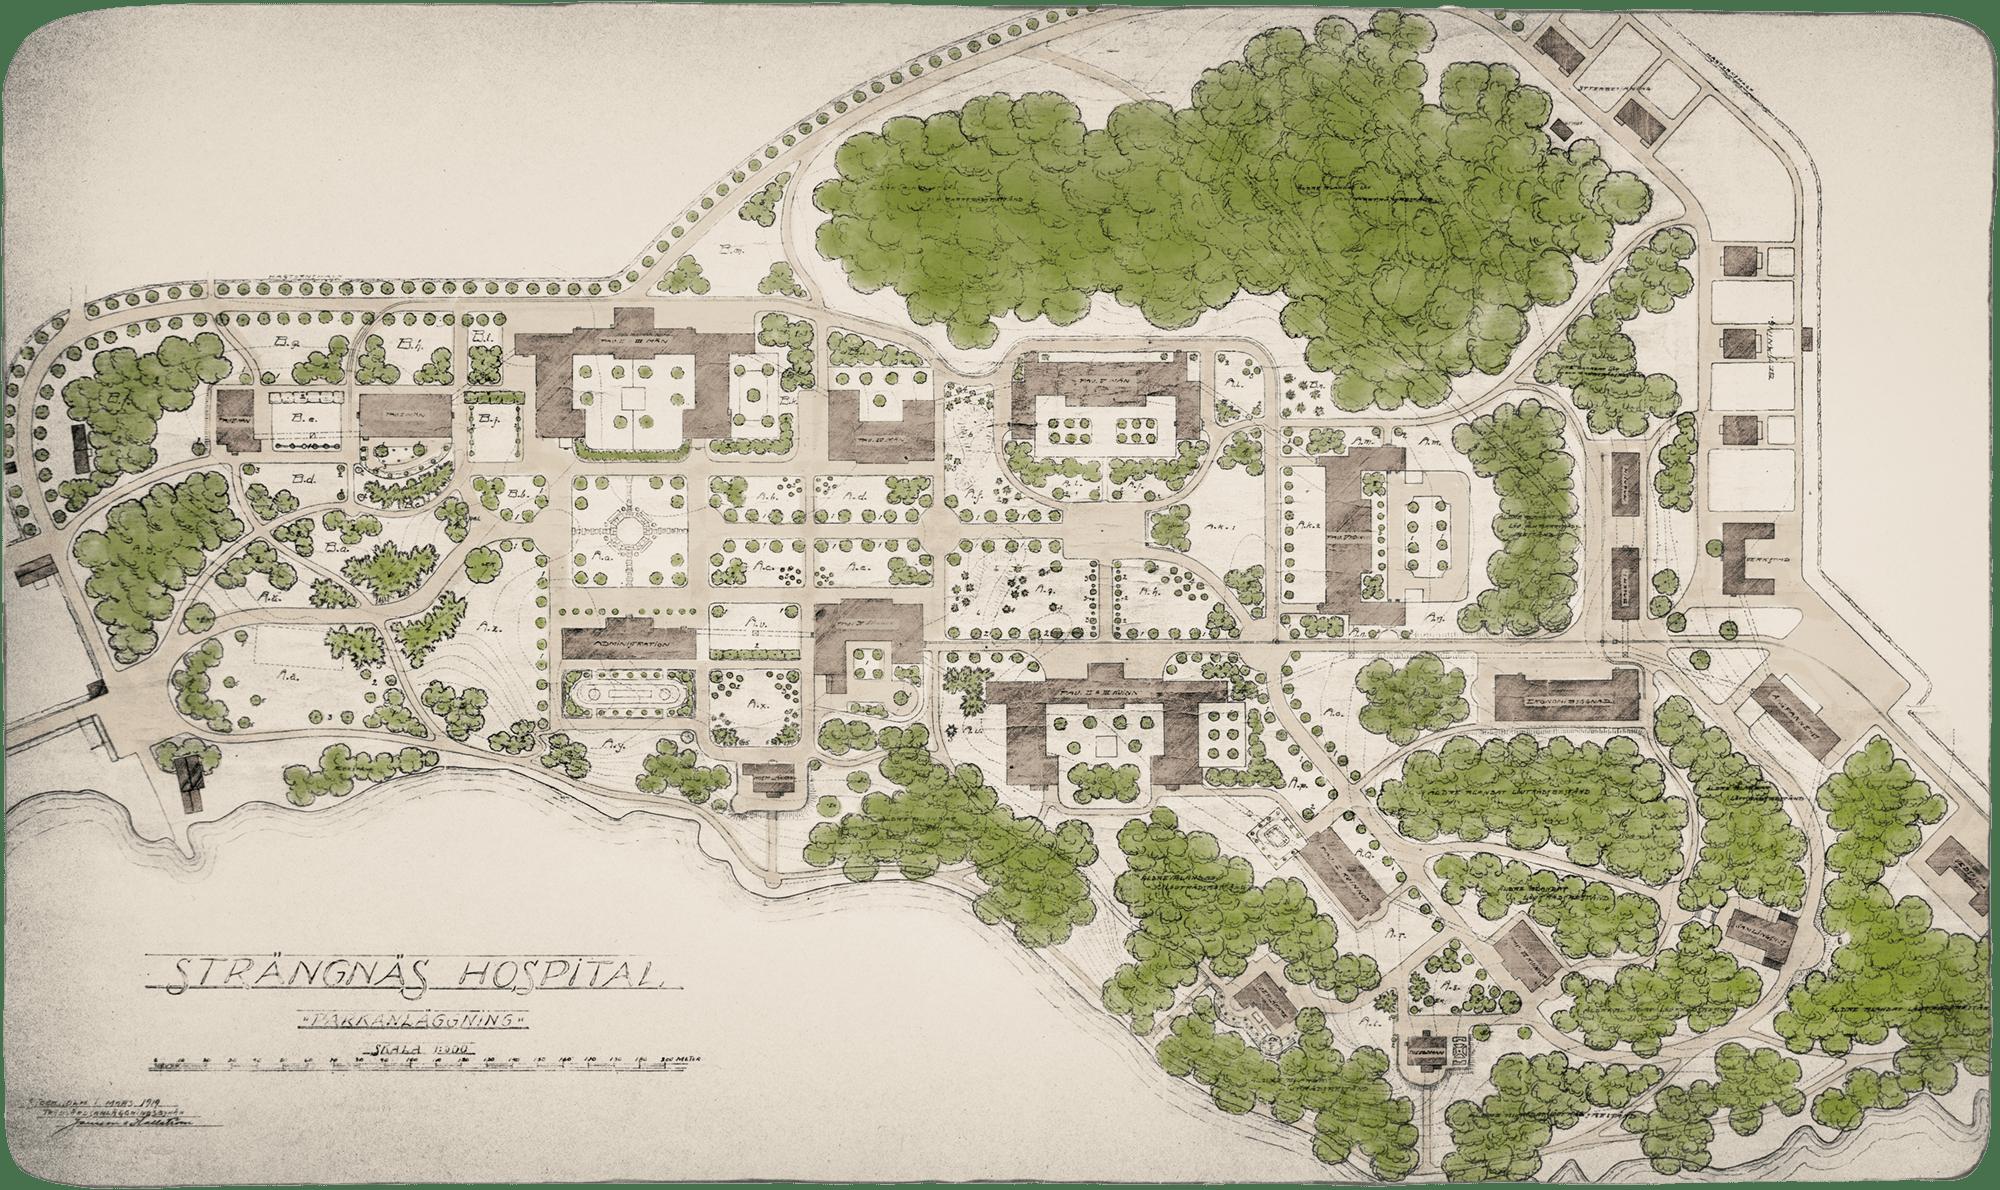 sundby-park